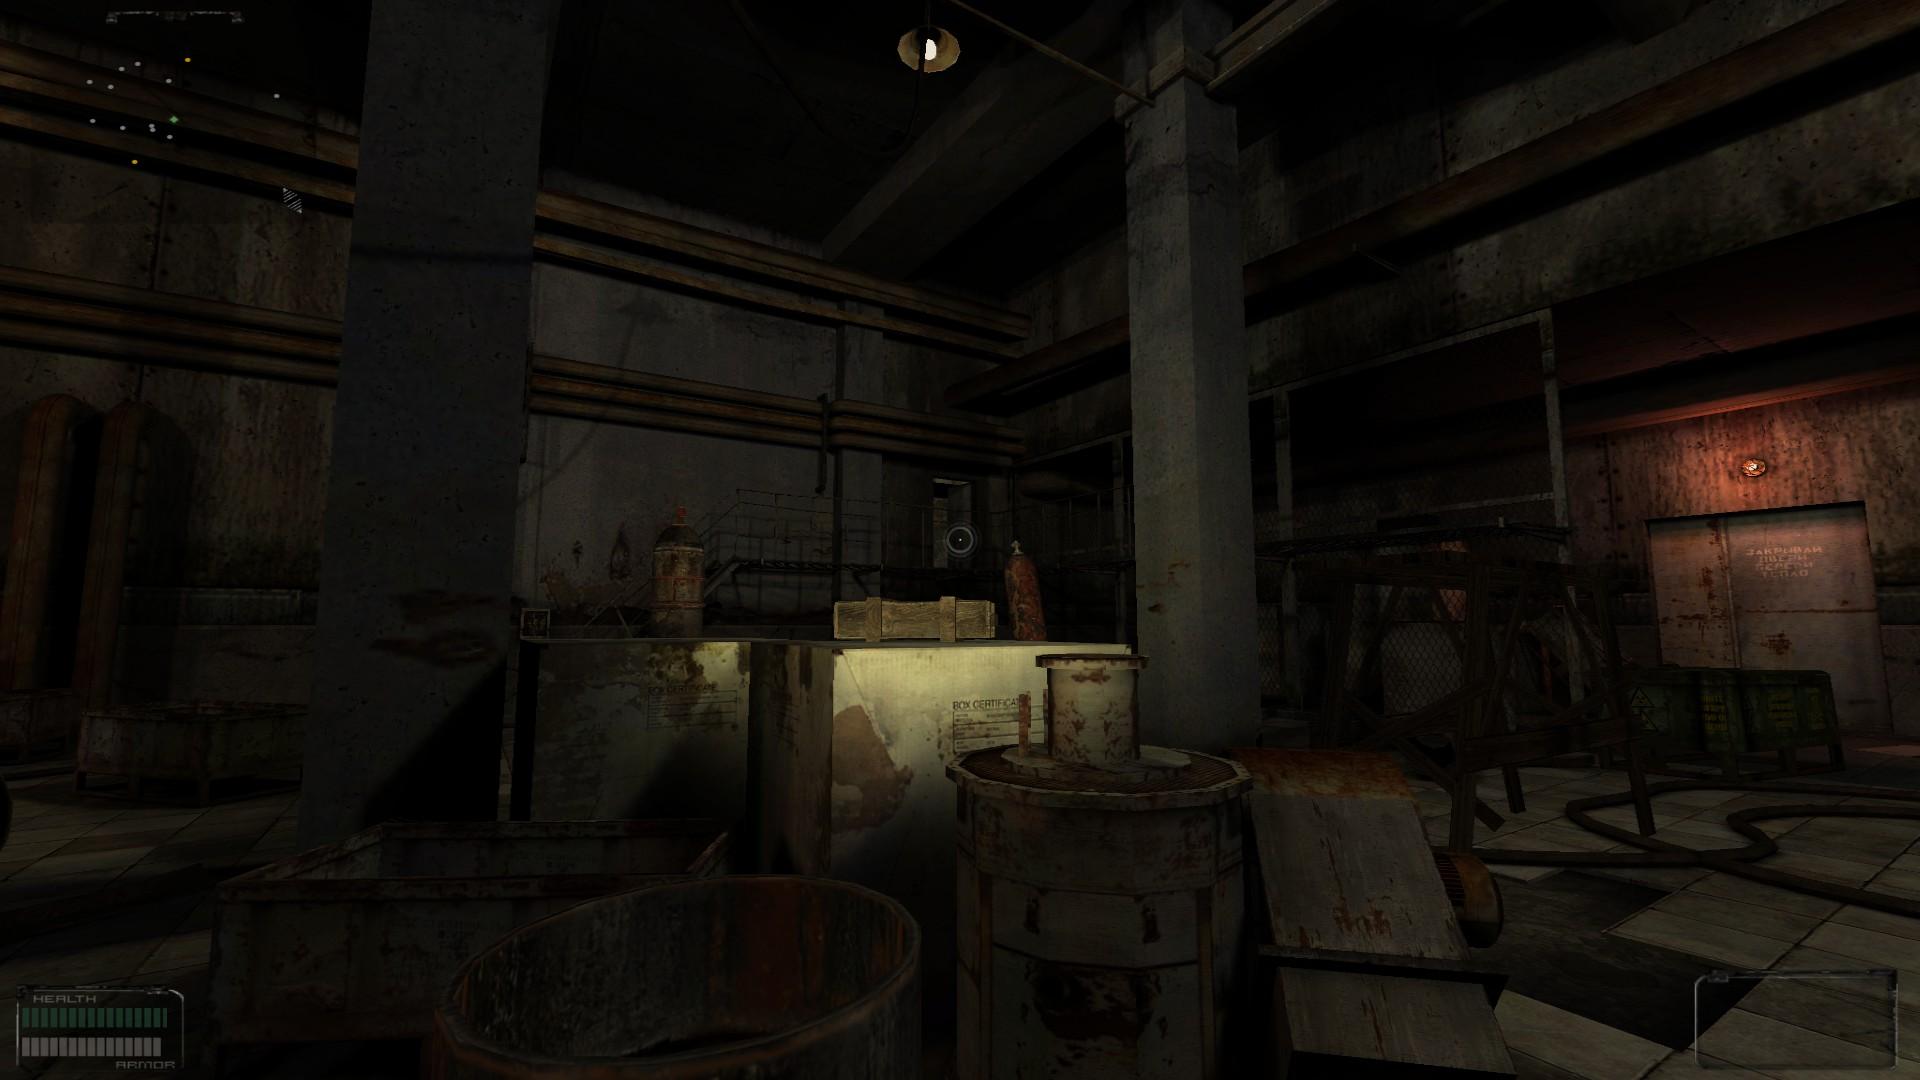 Oblivion Lost Remake 2.5 image 279